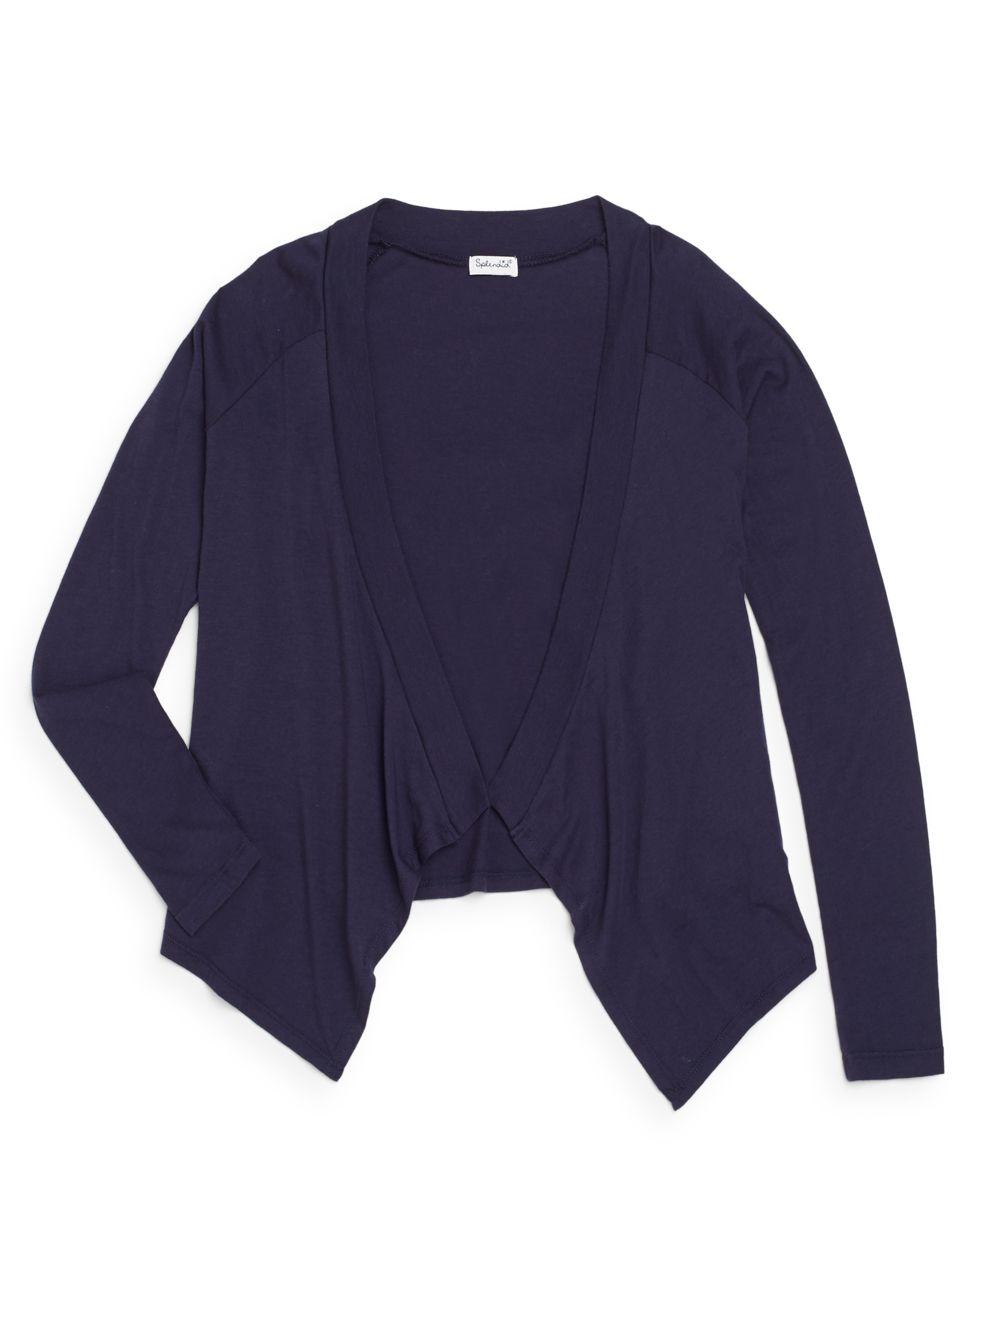 Splendid Girl'S Open-Front Cardigan in Blue | Lyst